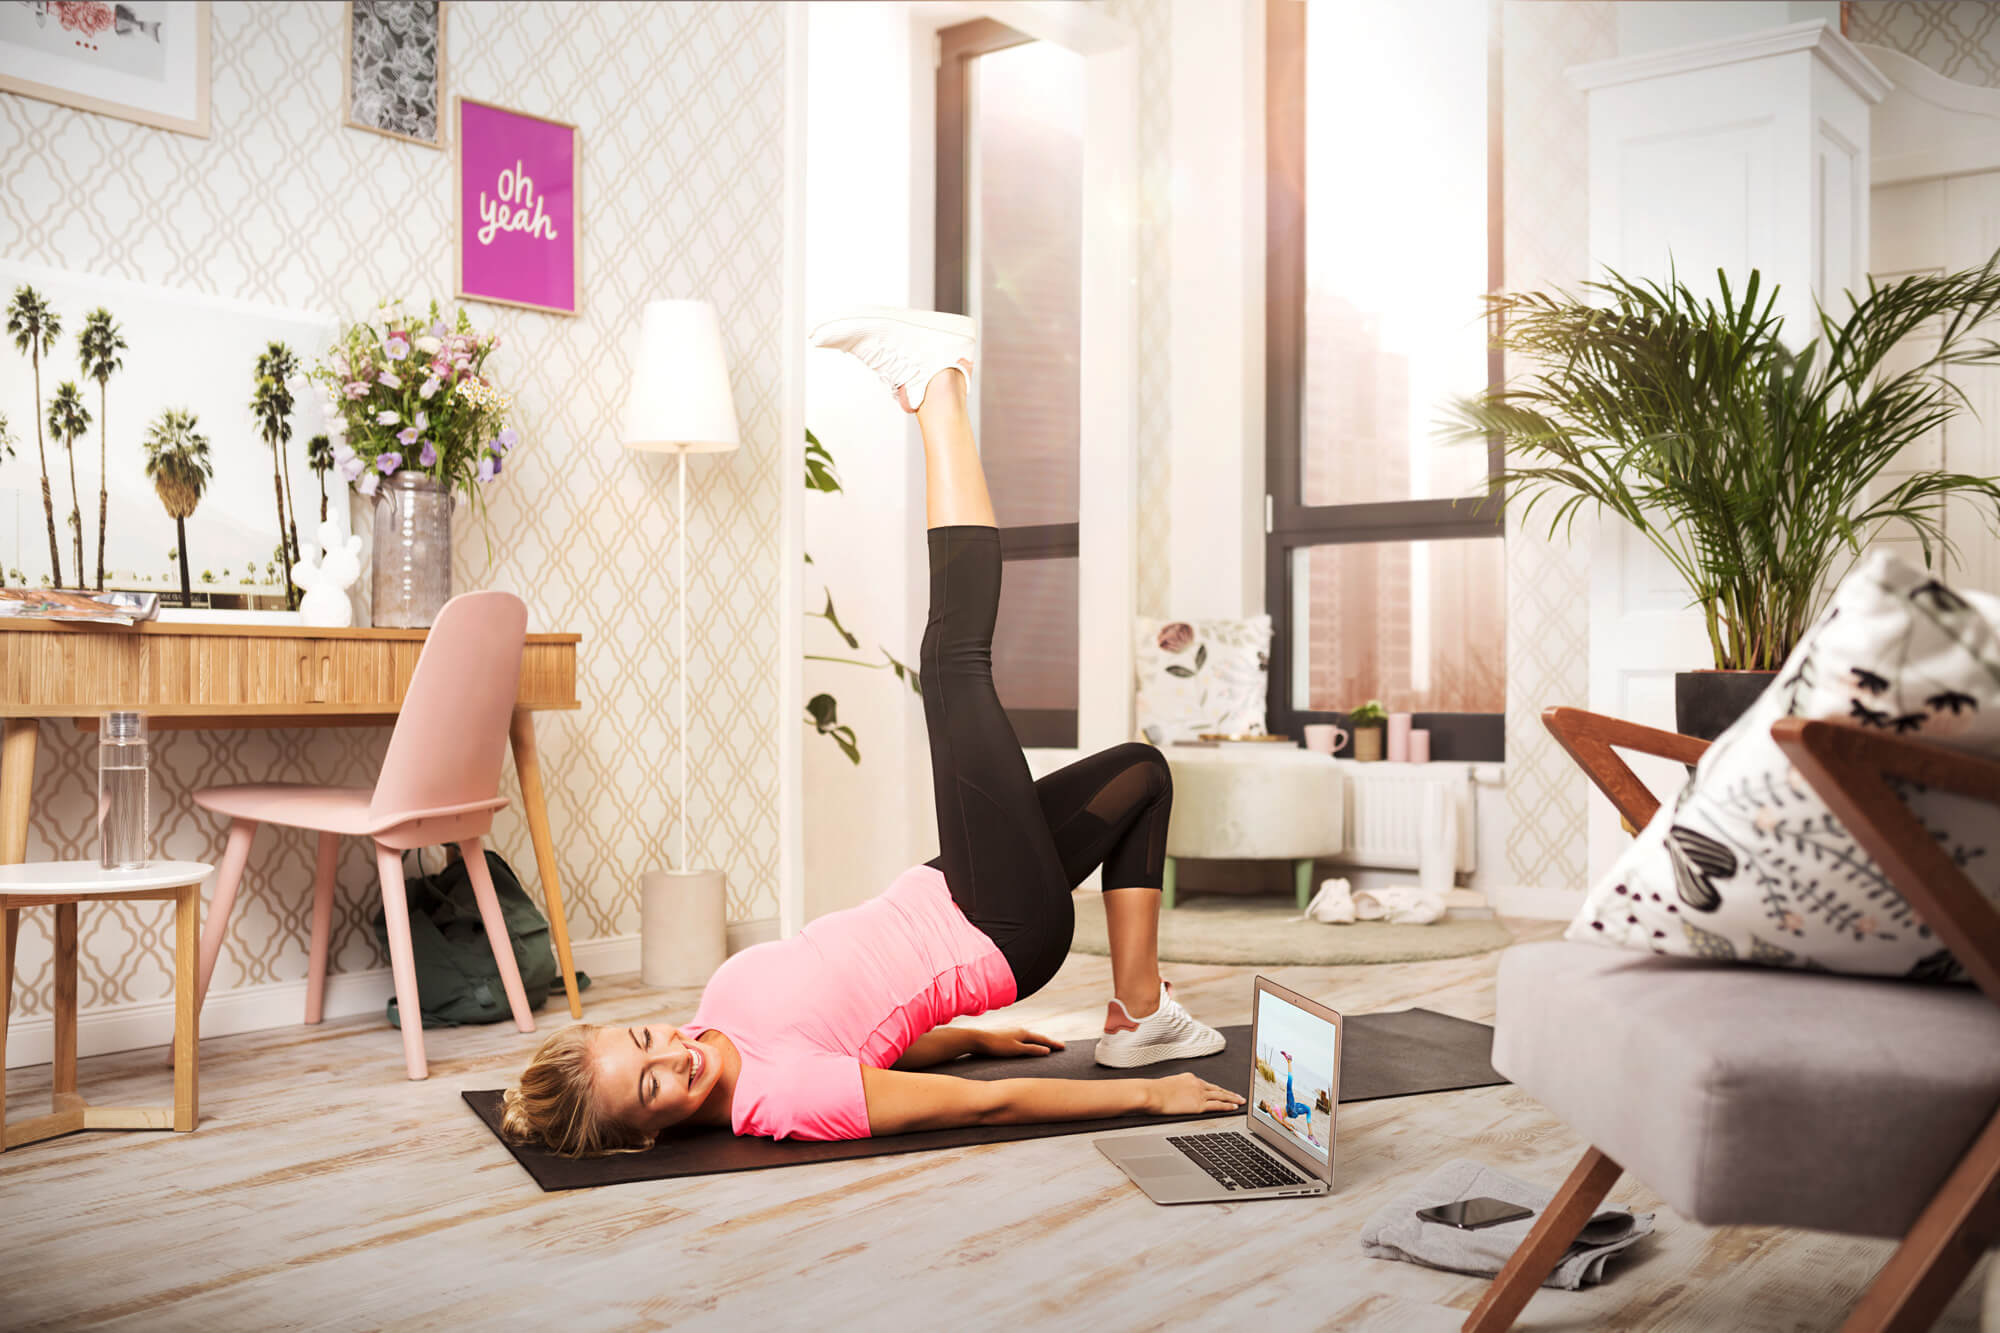 dziewczyna ćwiczy leżąc na podłodze